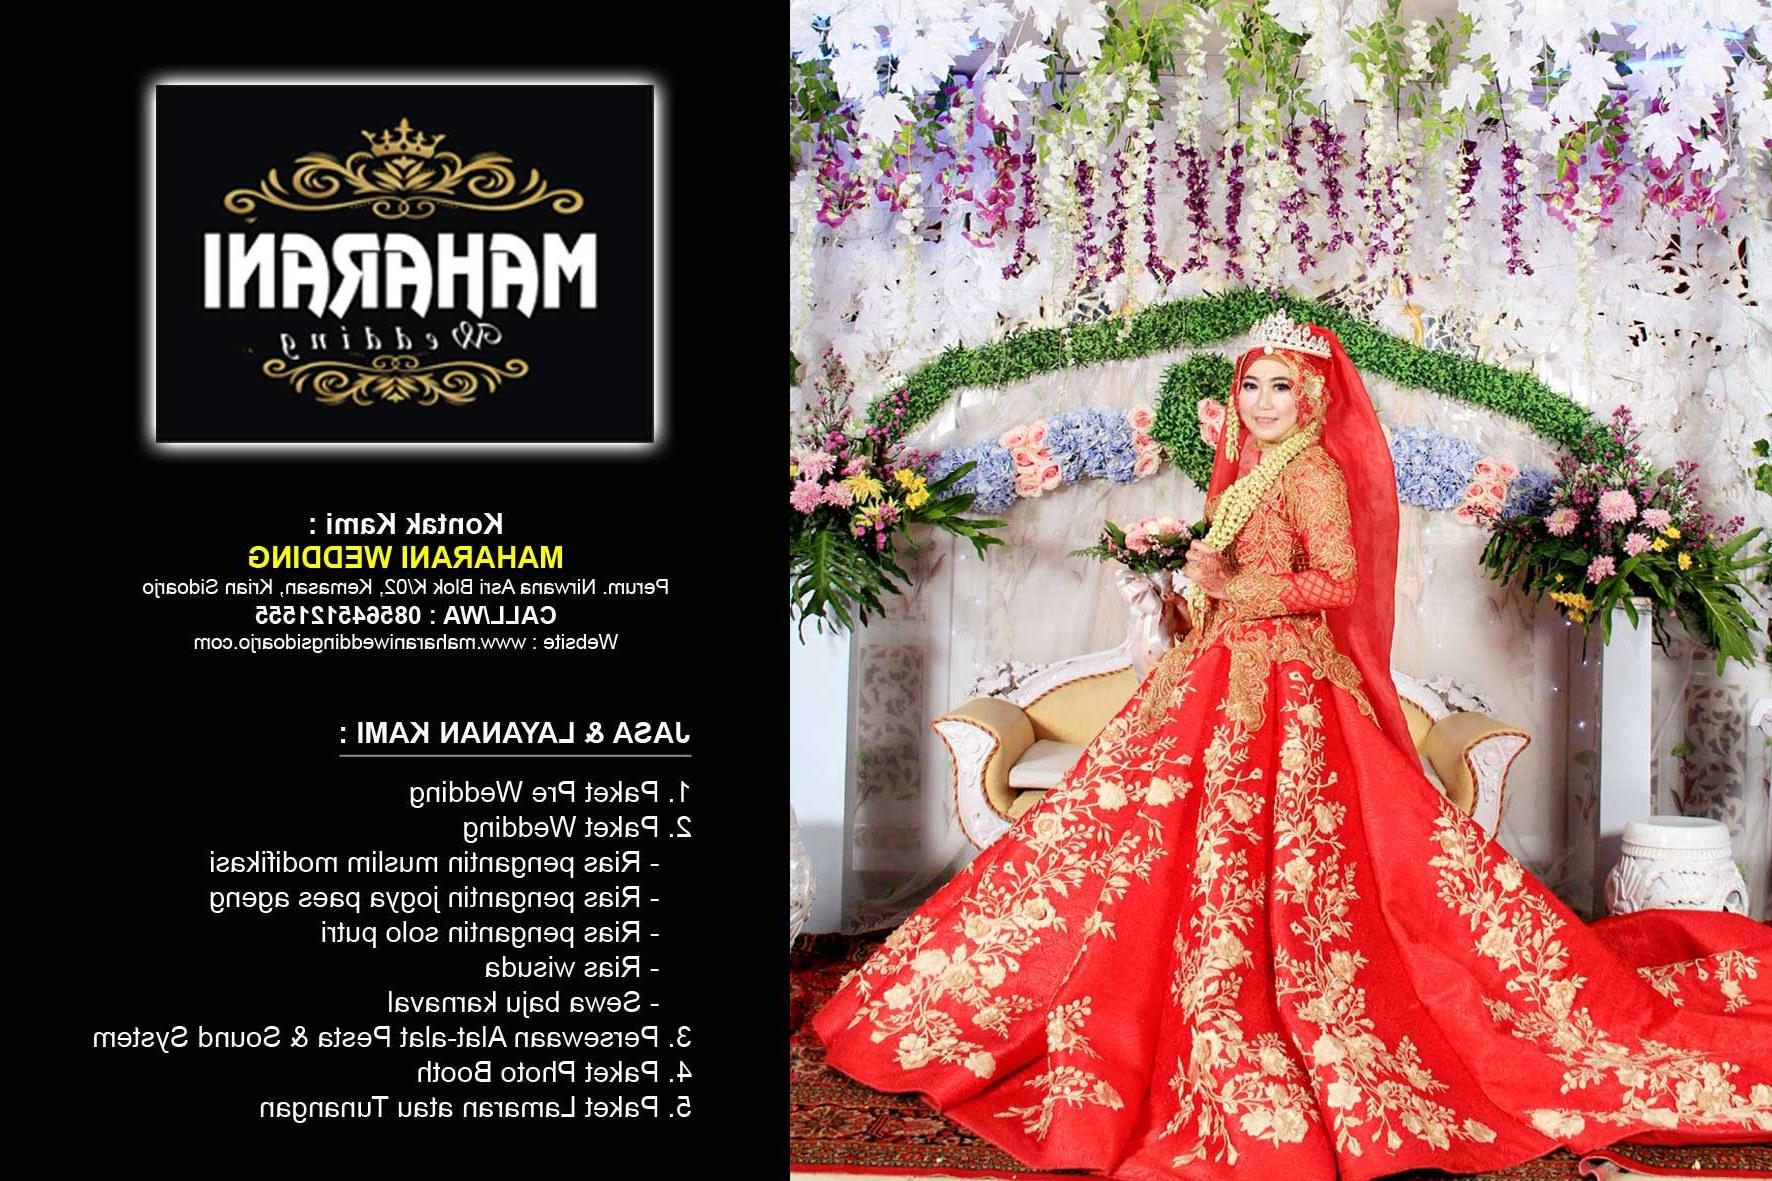 Bentuk Sewa Gaun Pengantin Muslimah Di solo Rldj Maharani Wedding Murah Sidoarjo Wa